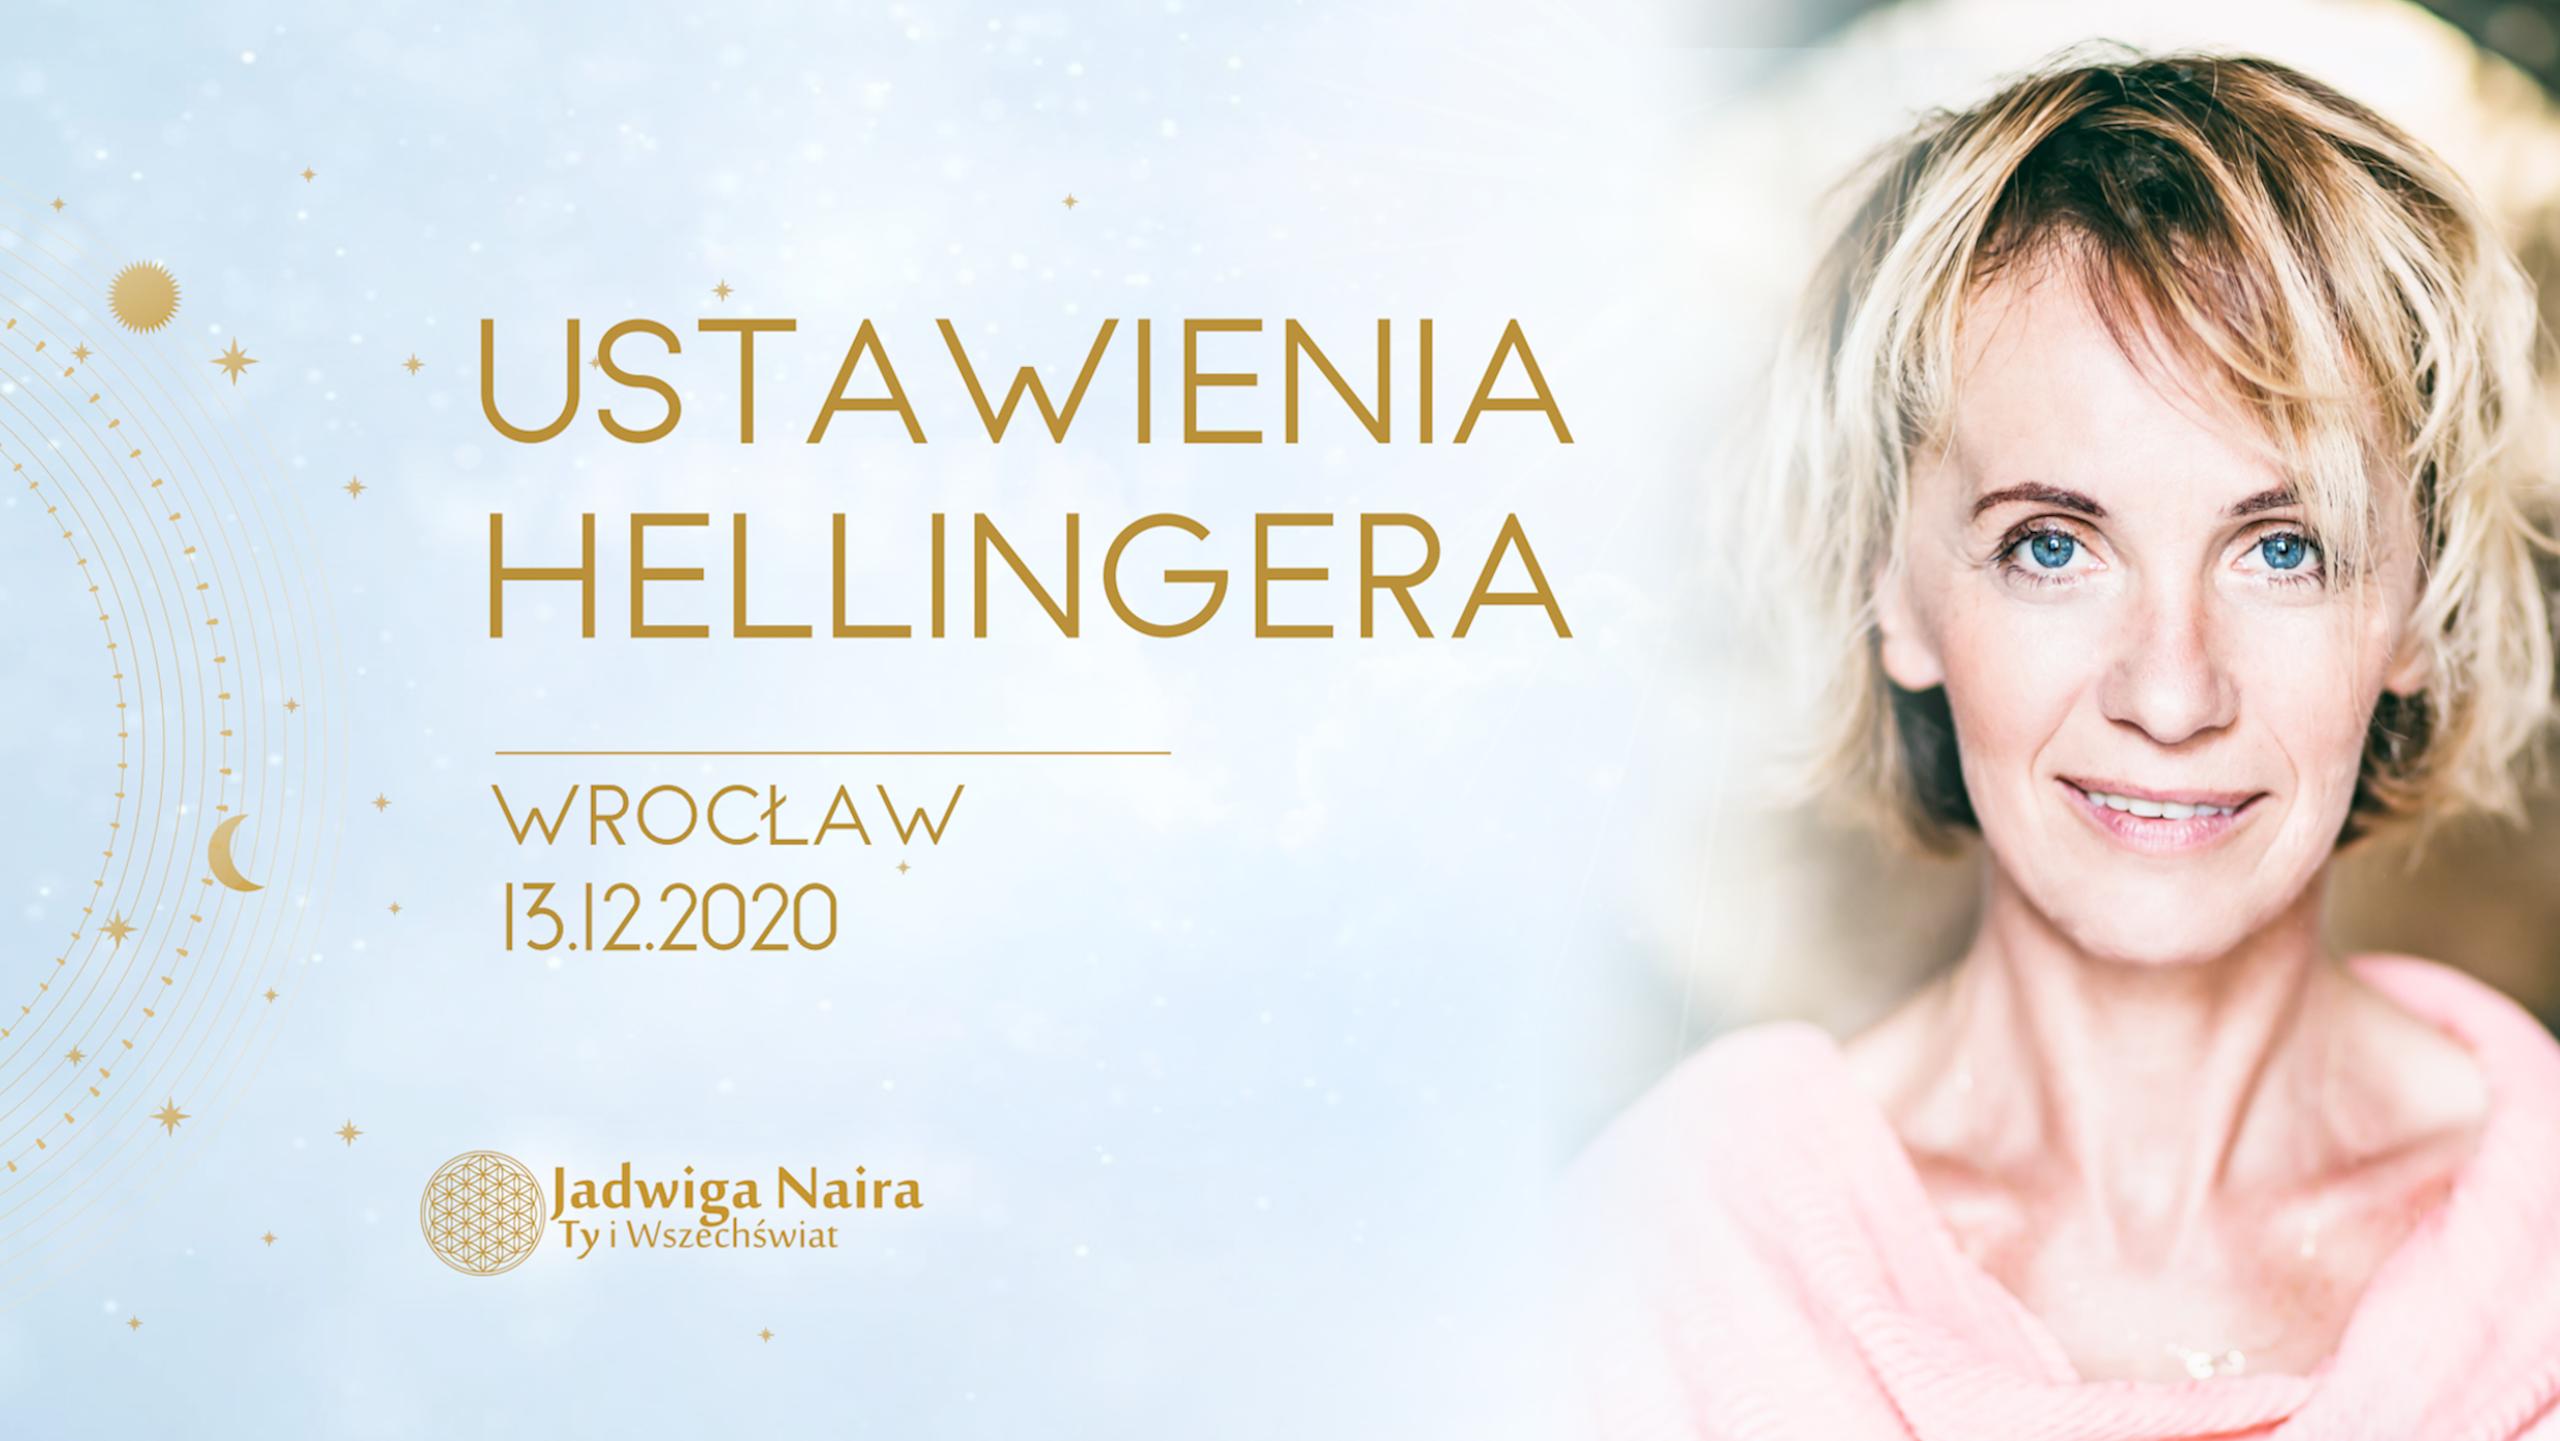 Ustawienia Hellingera - Wrocław